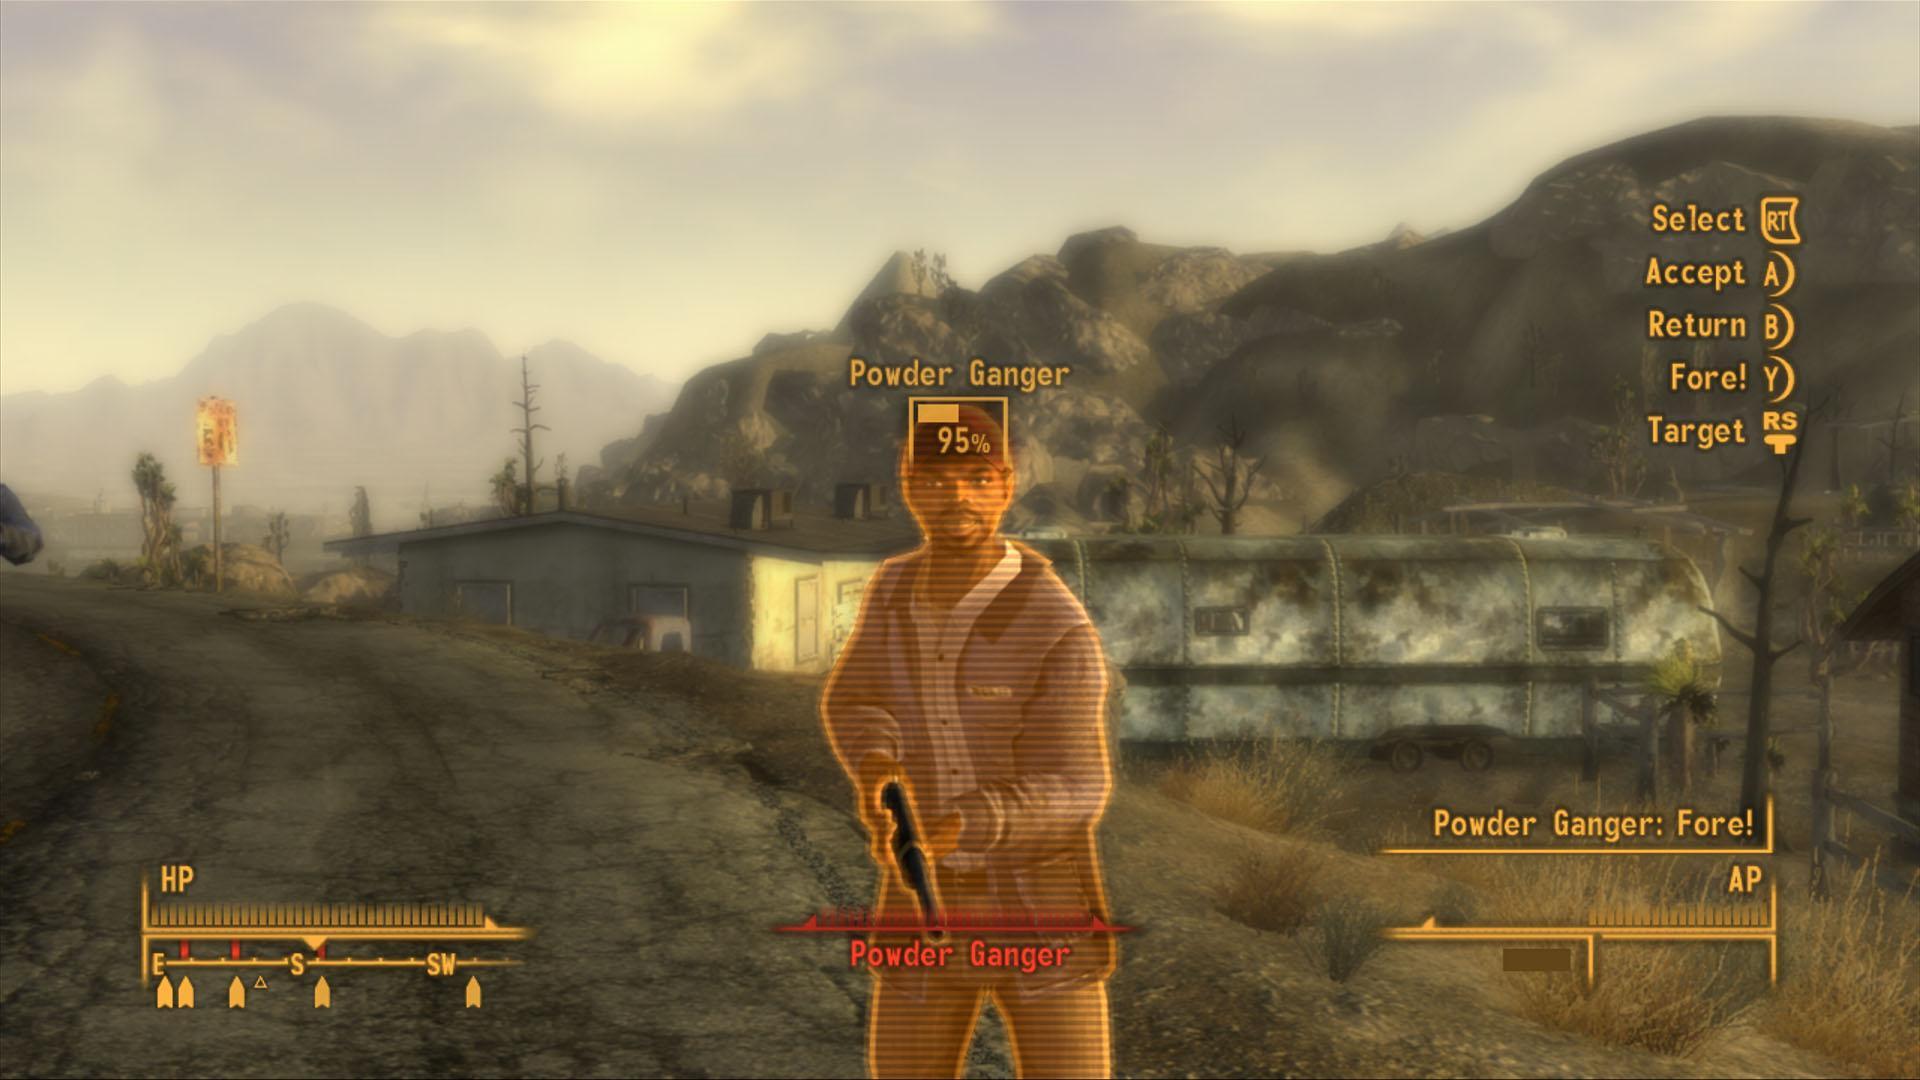 патч 7 на fallout new vegas